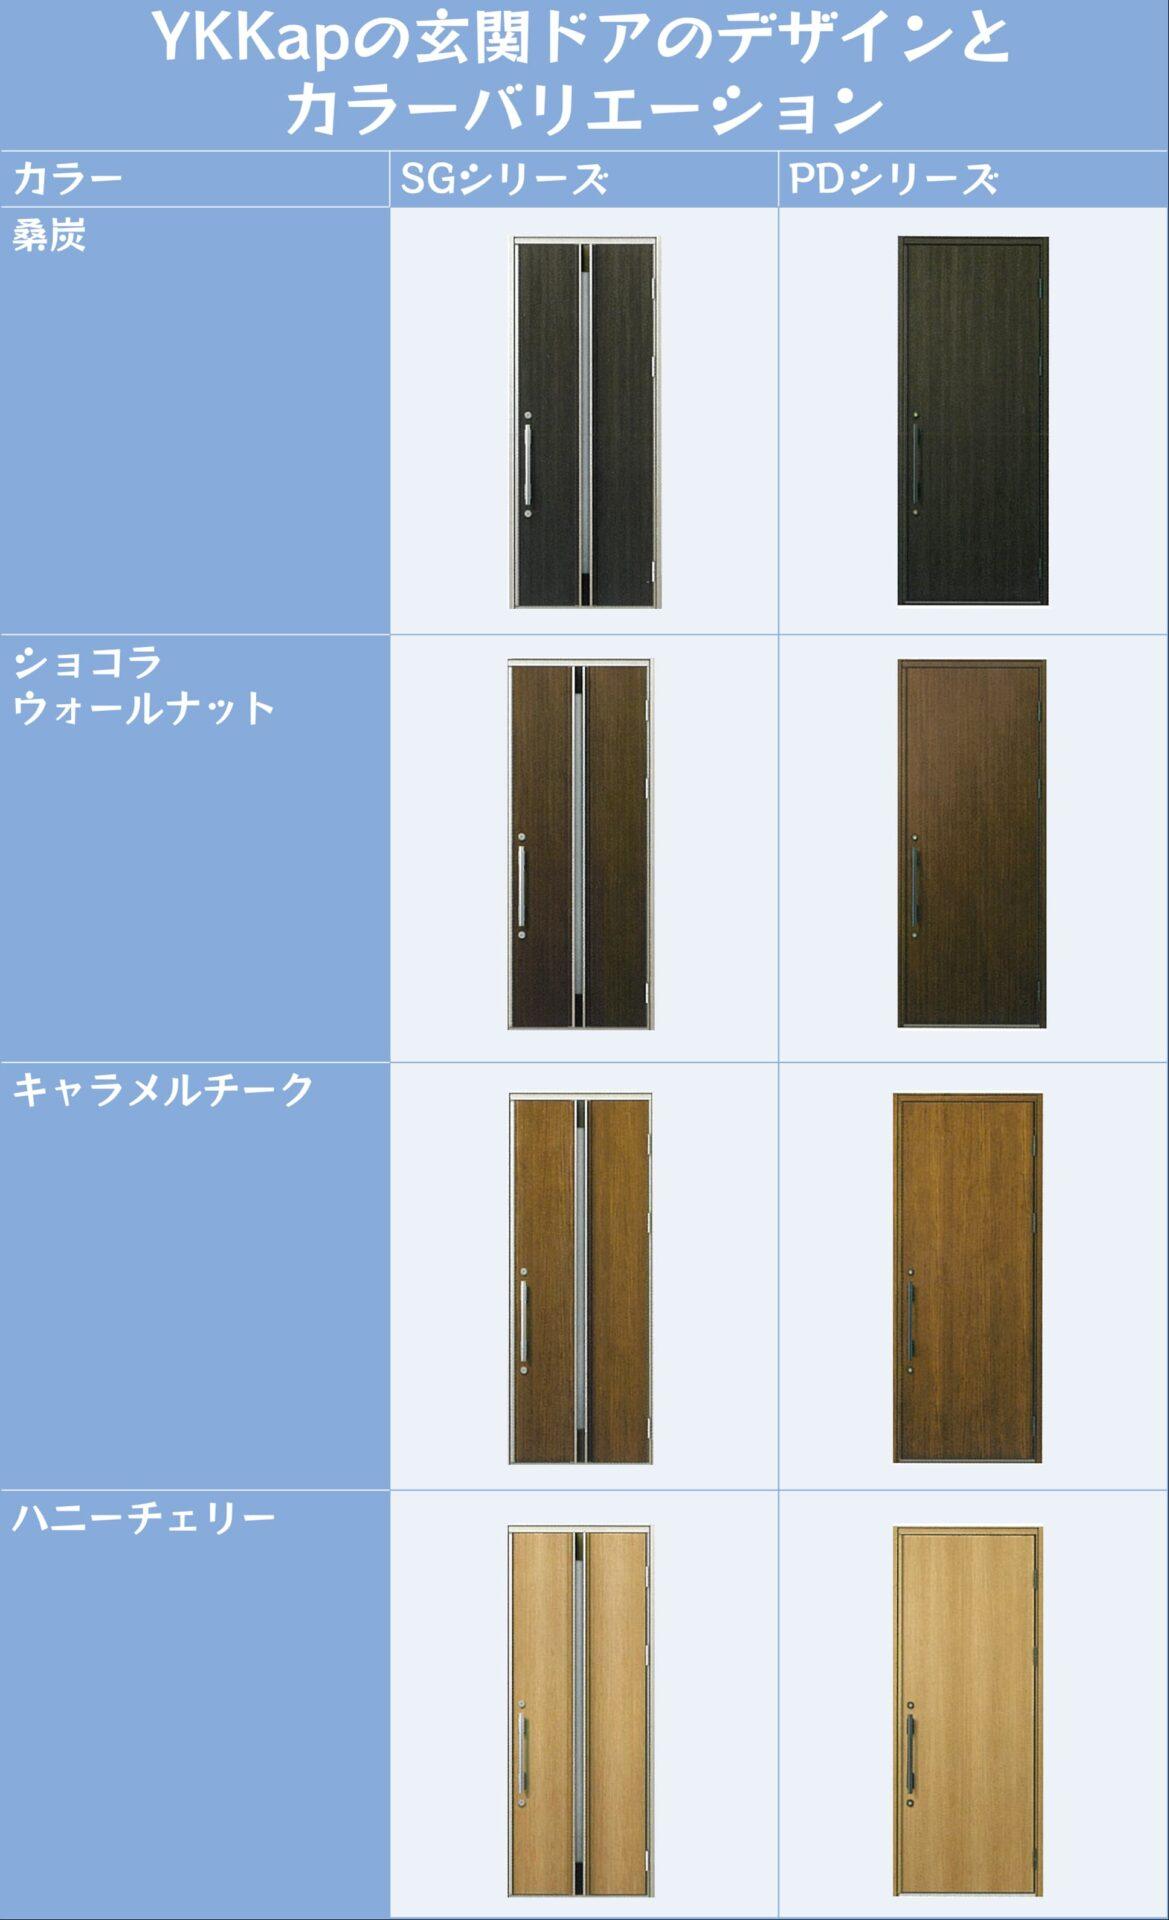 YKKapのデザインとカラーバリエーション